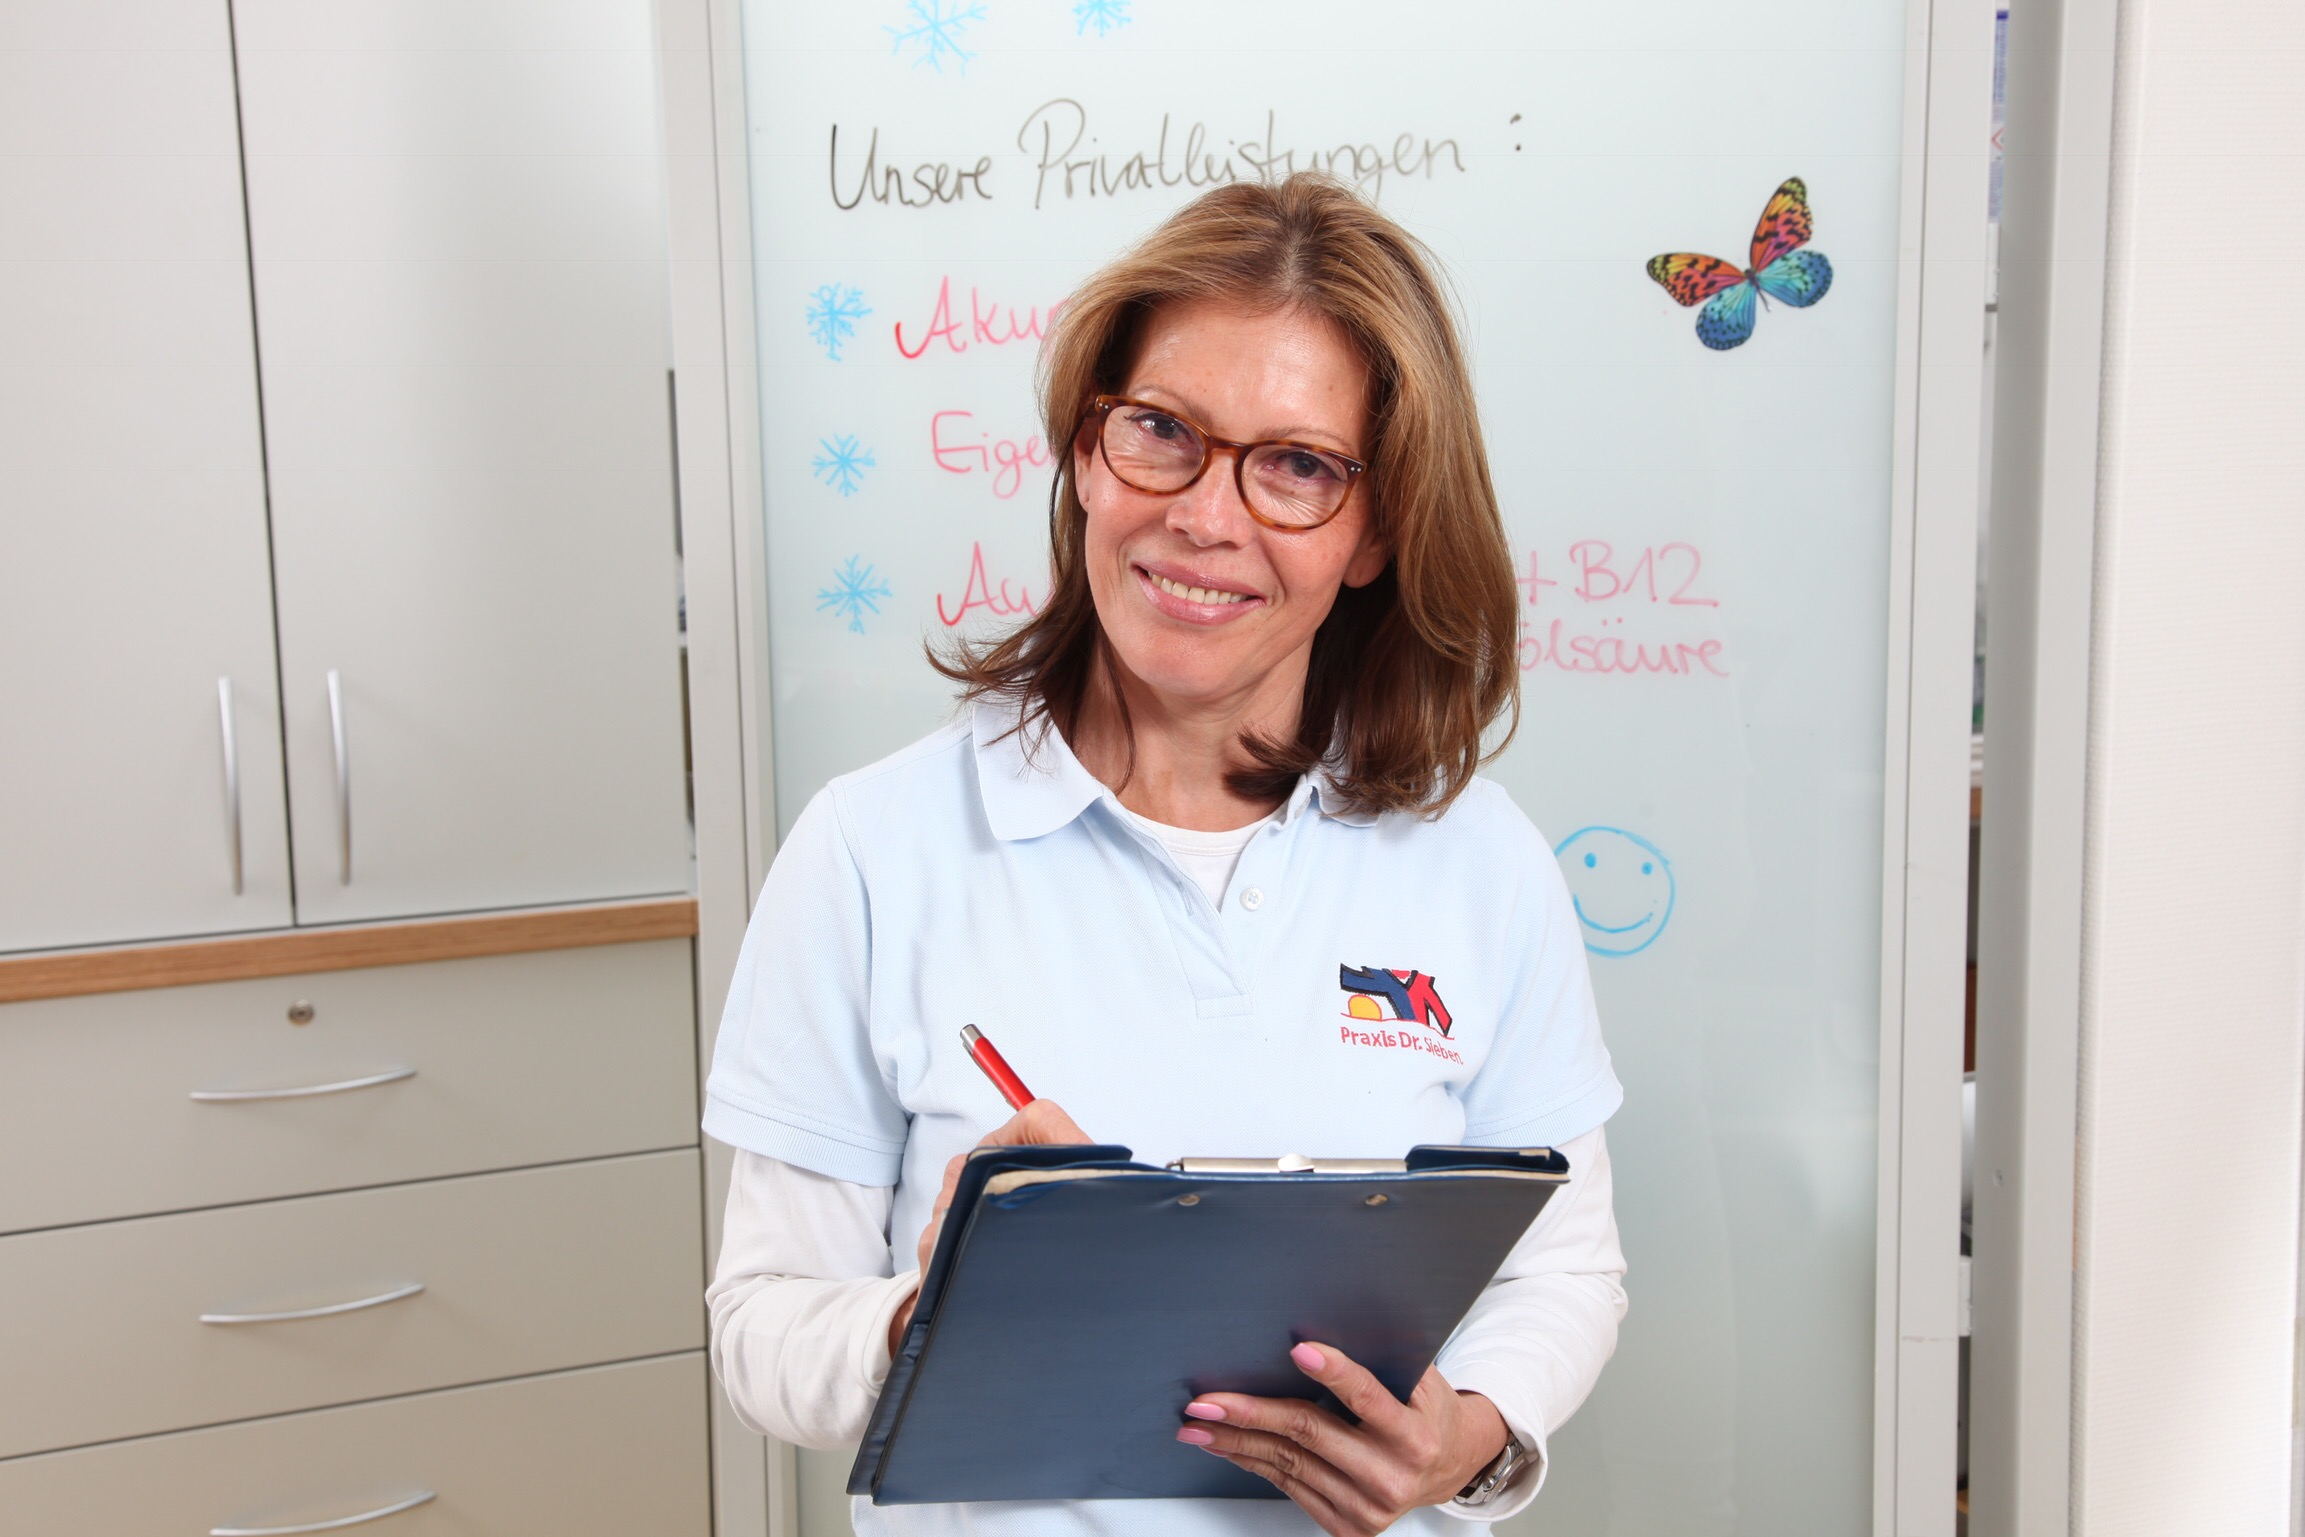 Frau Sieben – medizinische Fachangstellte und Teamleiterin